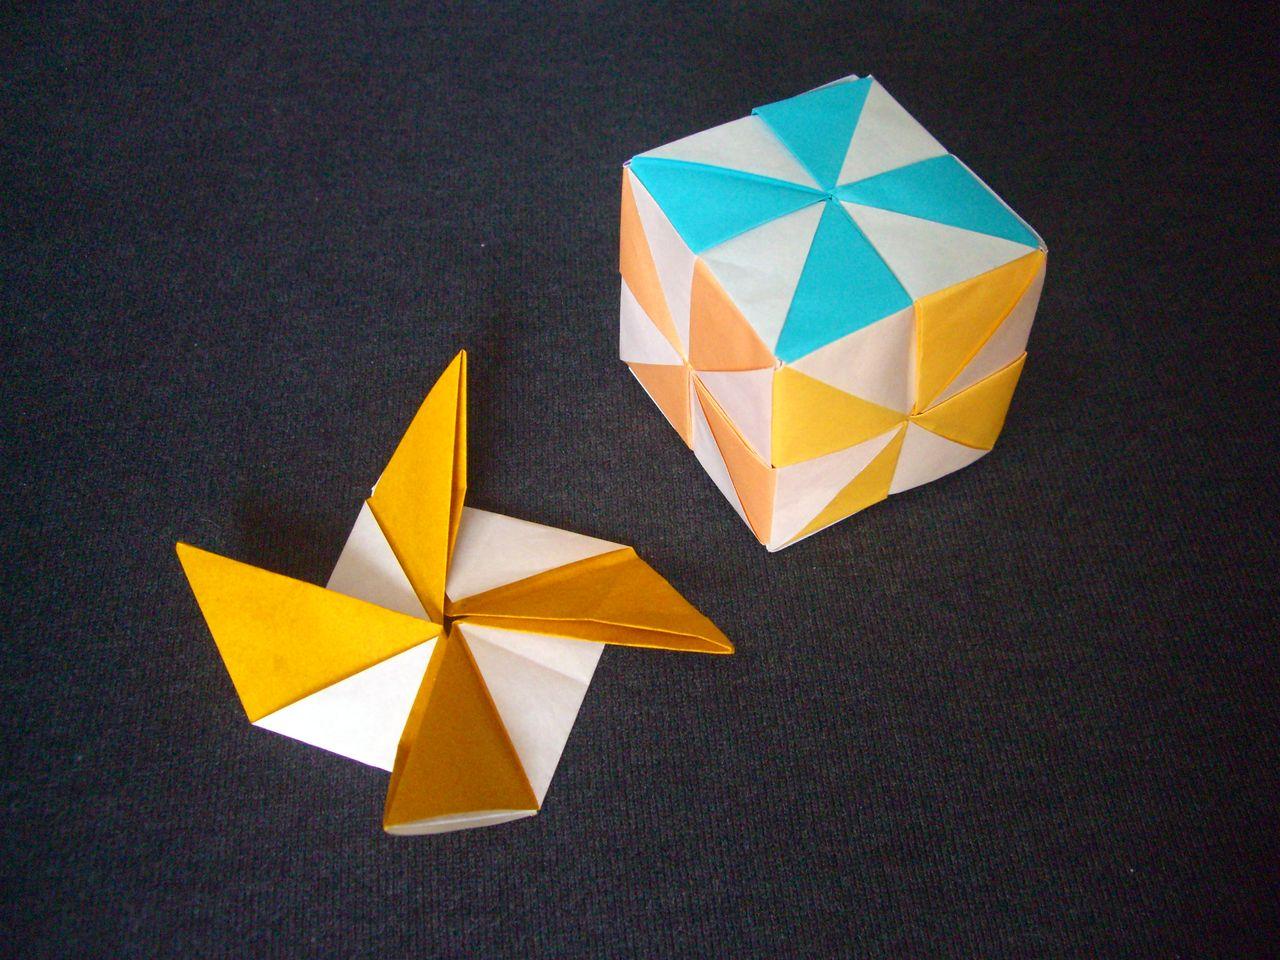 すべての折り紙 折り紙 ハート 折り方 : origami おりがみ遊び(風車模様の ...